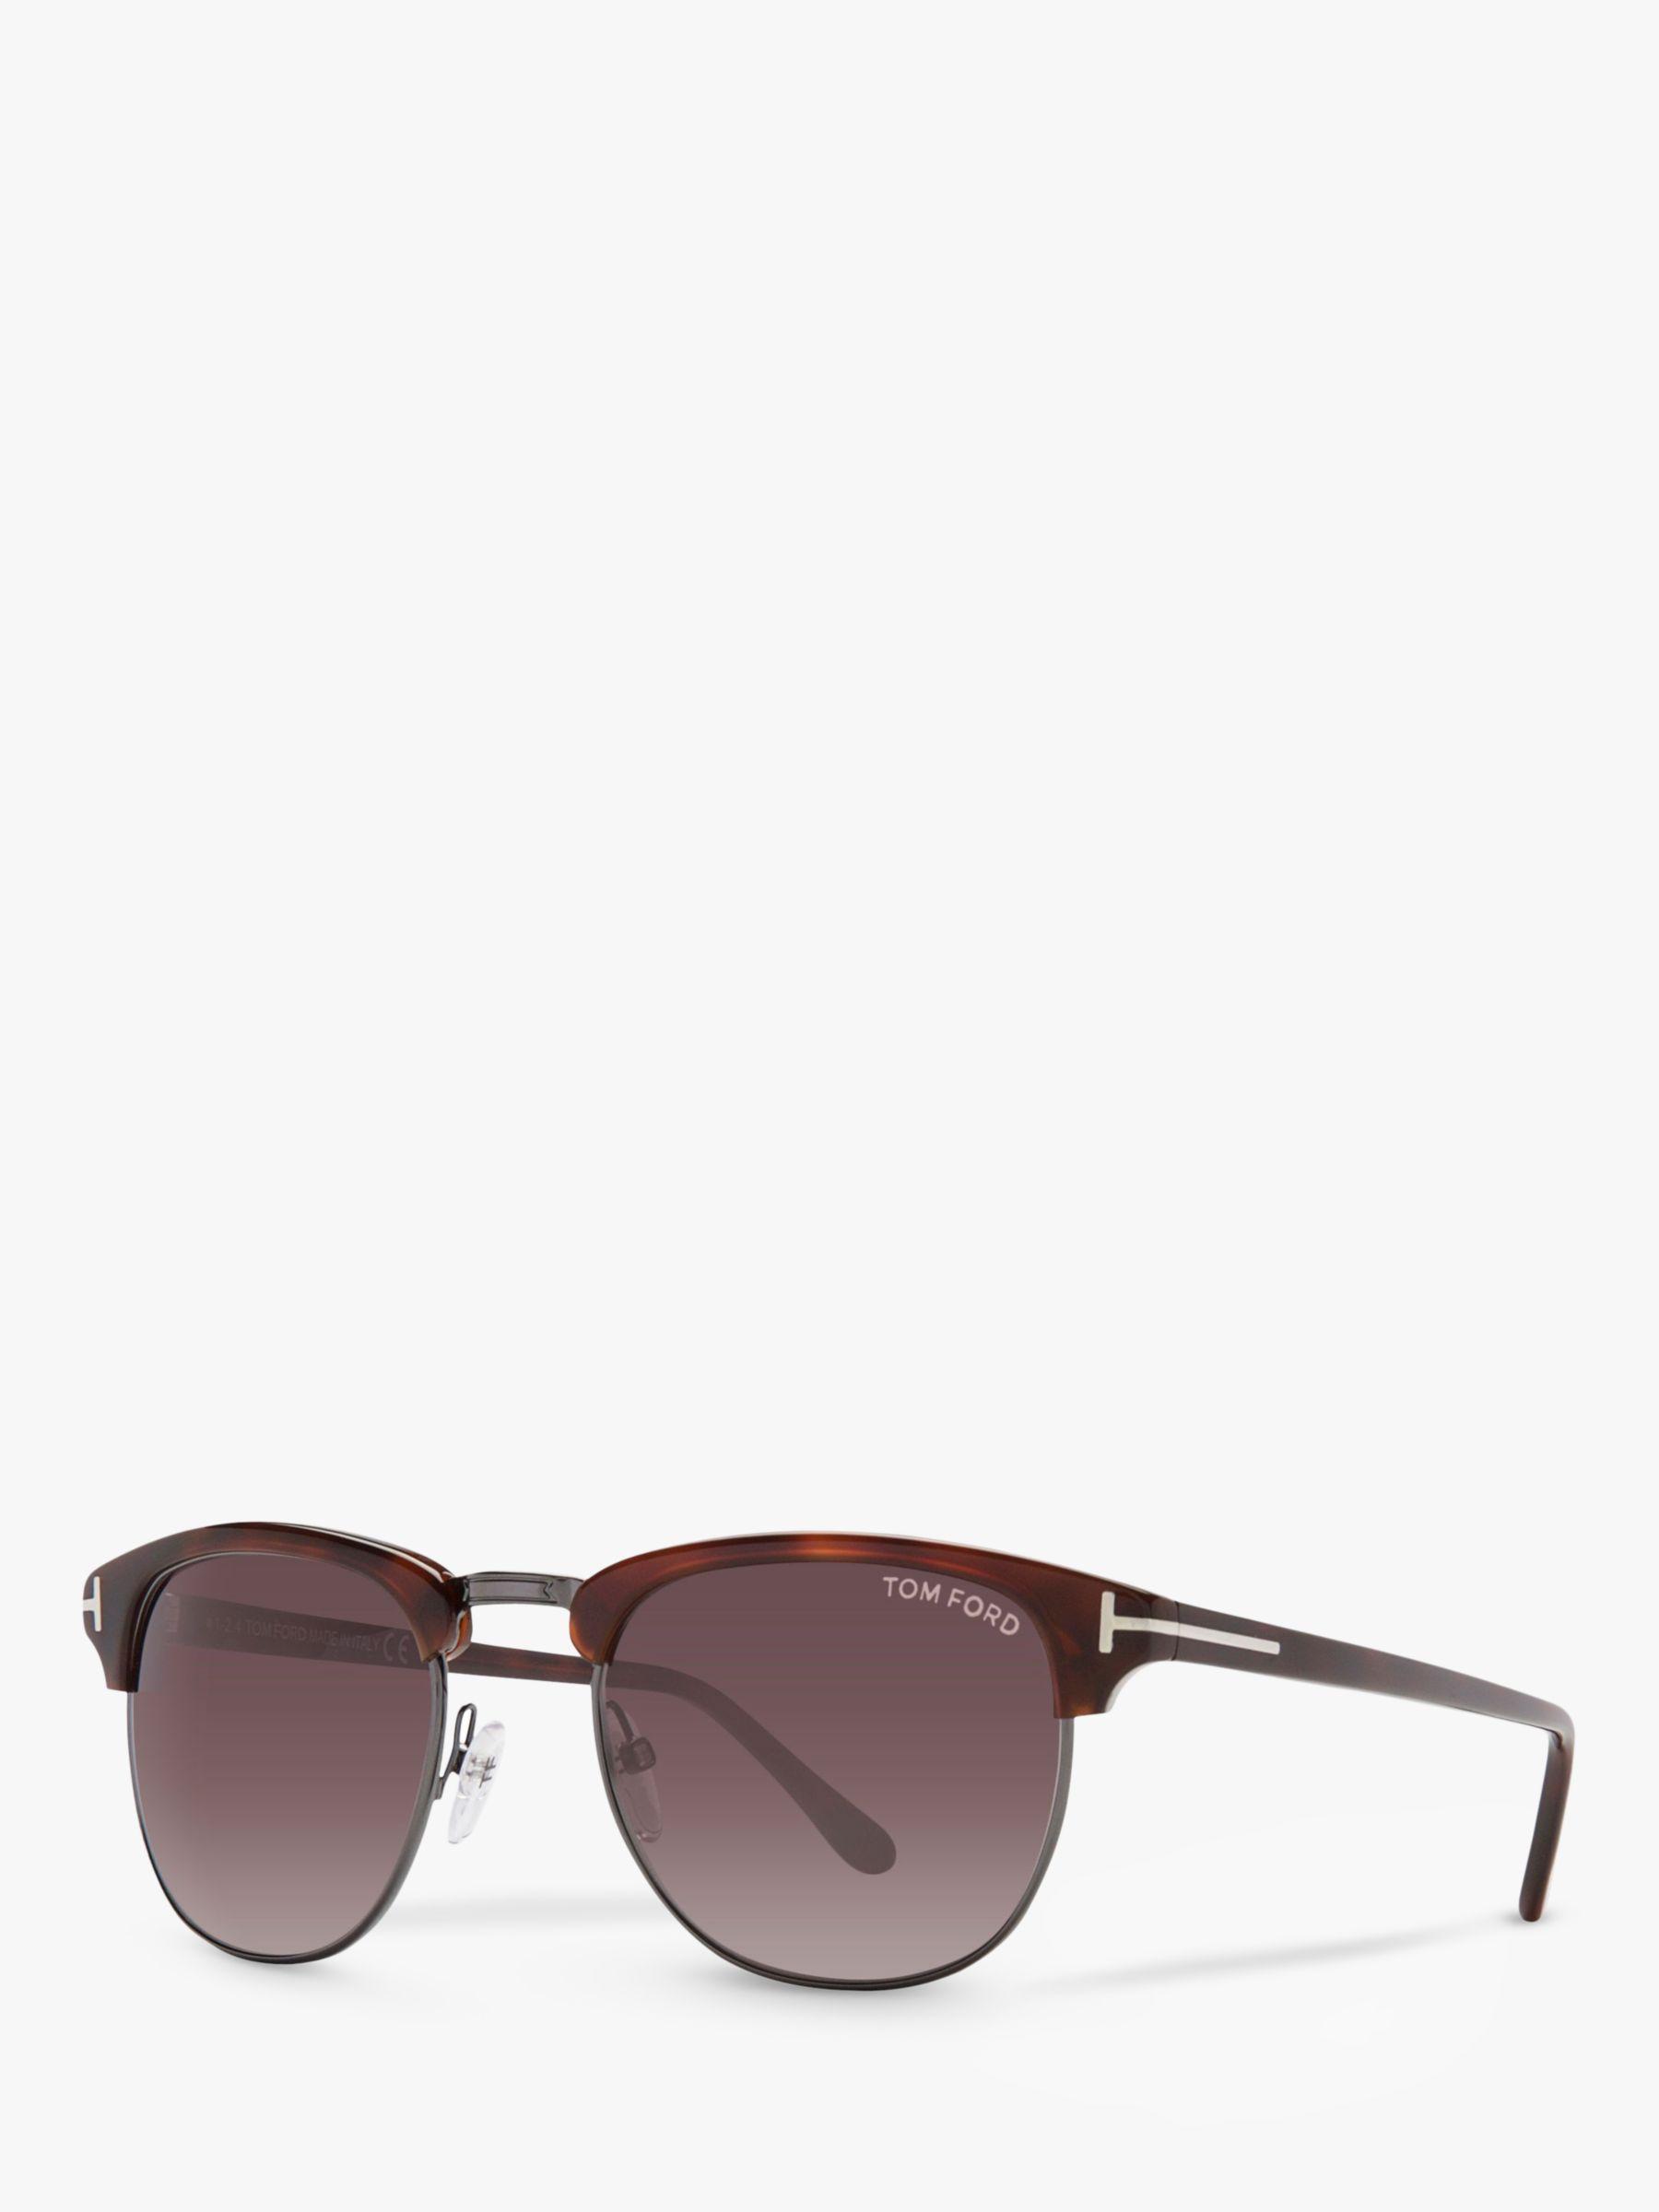 Tom Ford TOM FORD FT0248 Henry Sunglasses, Tortoise